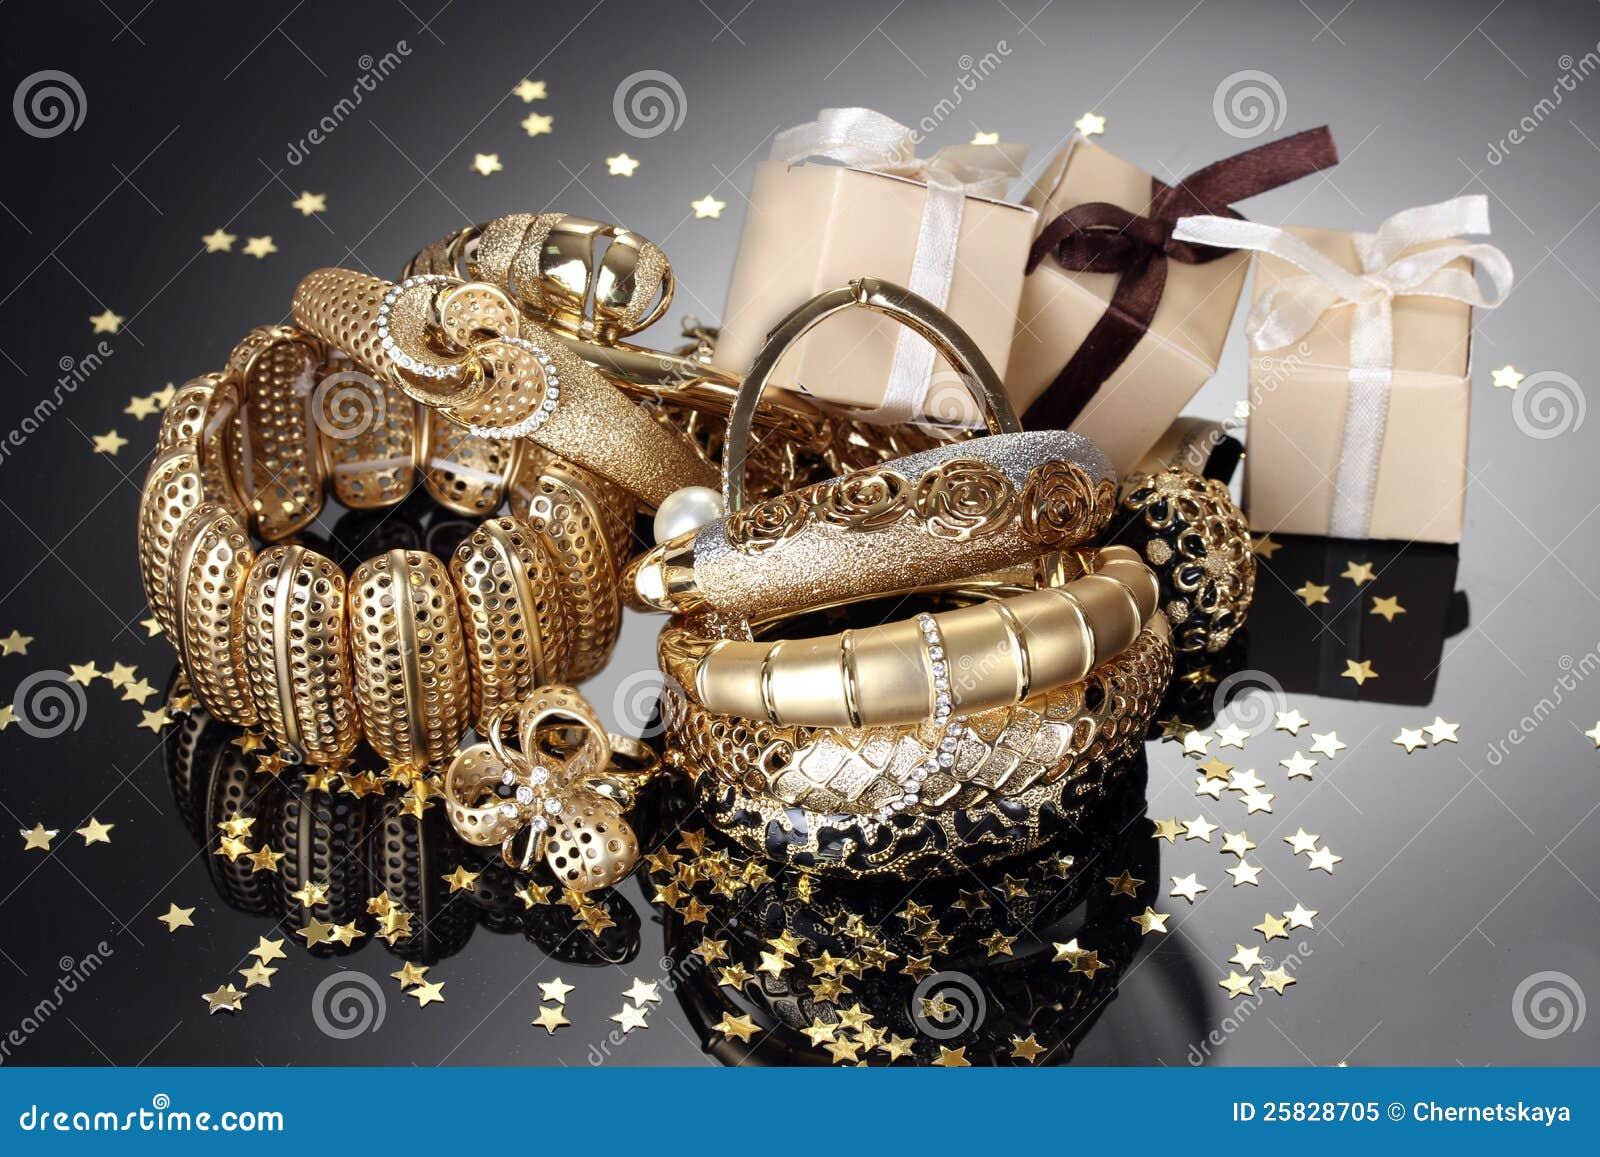 Złota biżuteria i prezenty